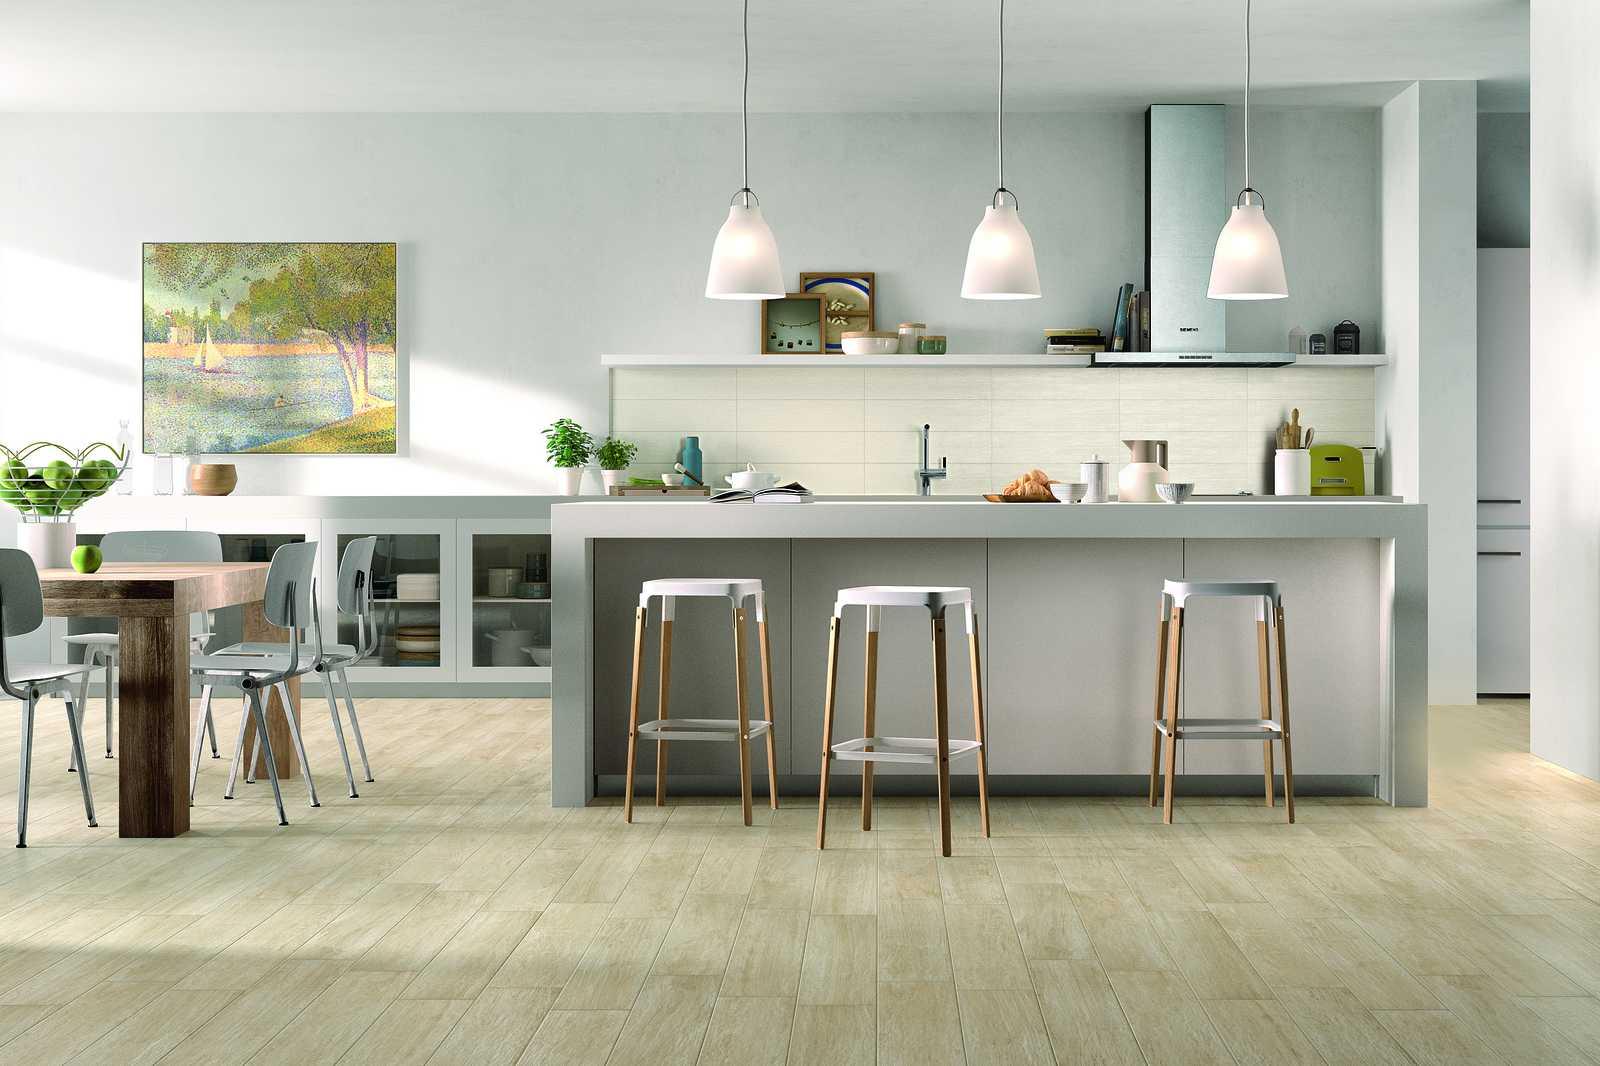 Collezione woodcomfort pavimenti in gres effetto legno ragno - Rivestimento cucina effetto legno ...